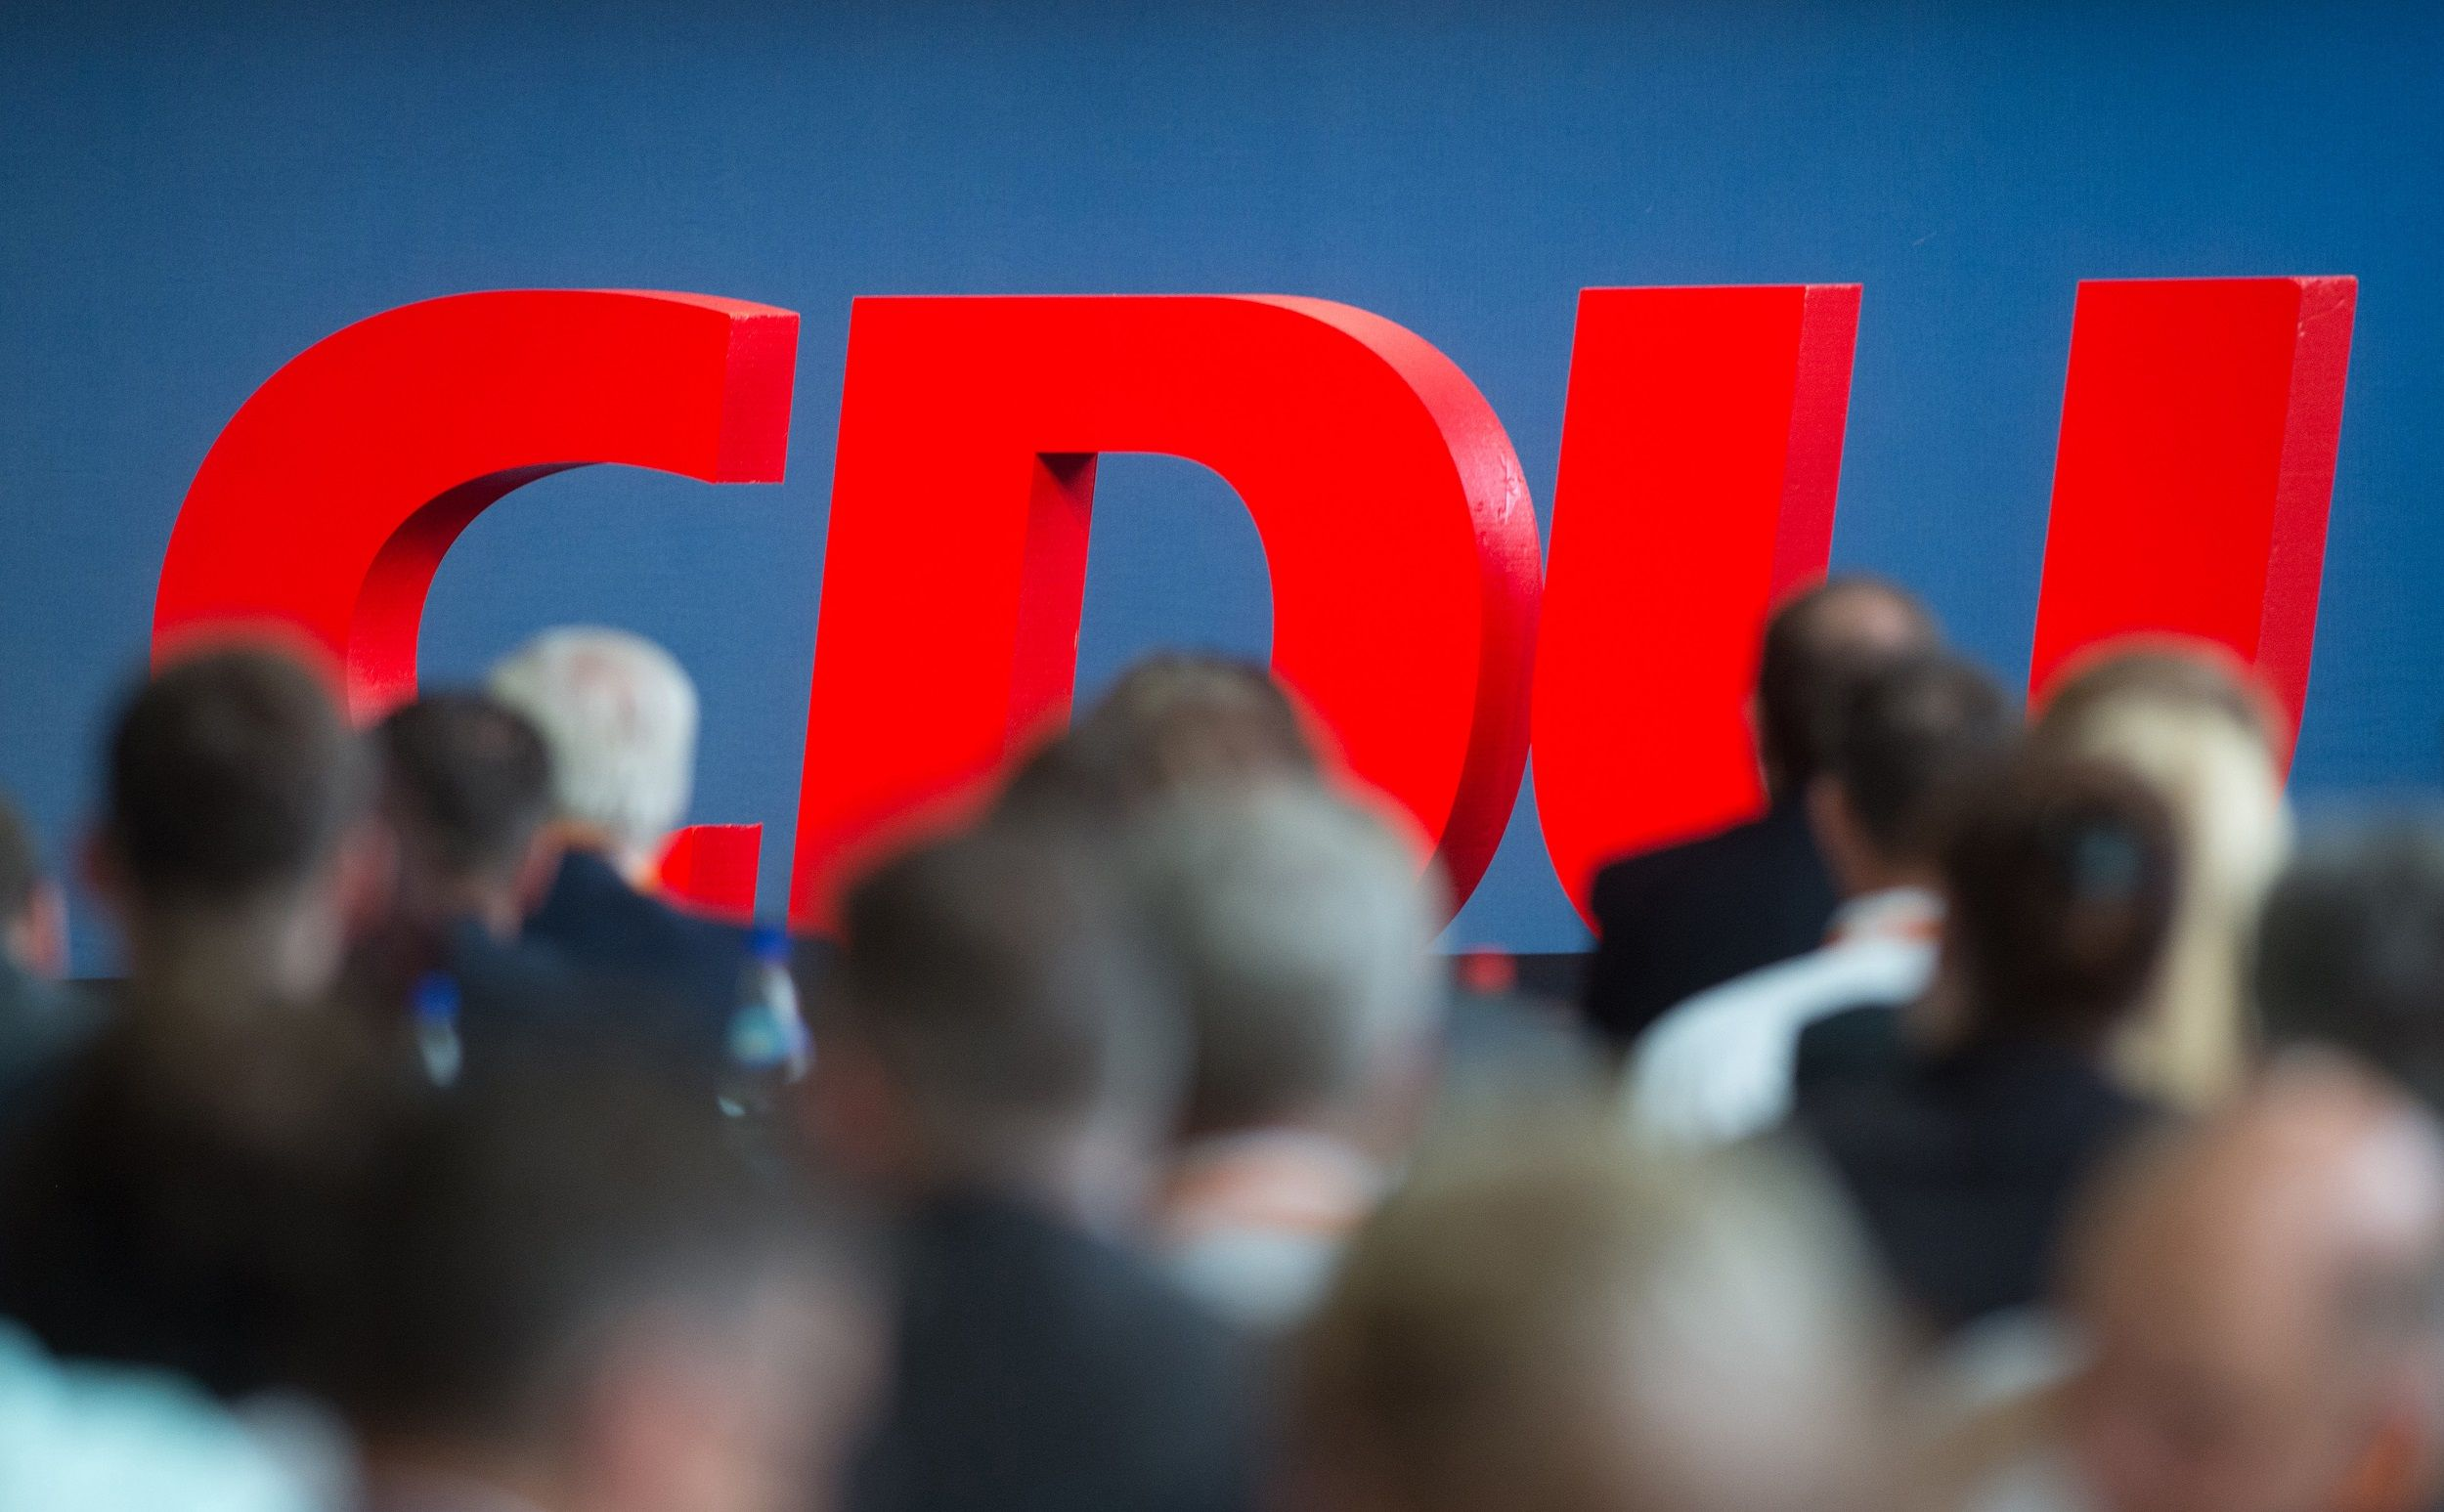 Erst im kommenden Jahr: Die Wahl des CDU-Vorsitzenden. Foto: dpa/Gabbert